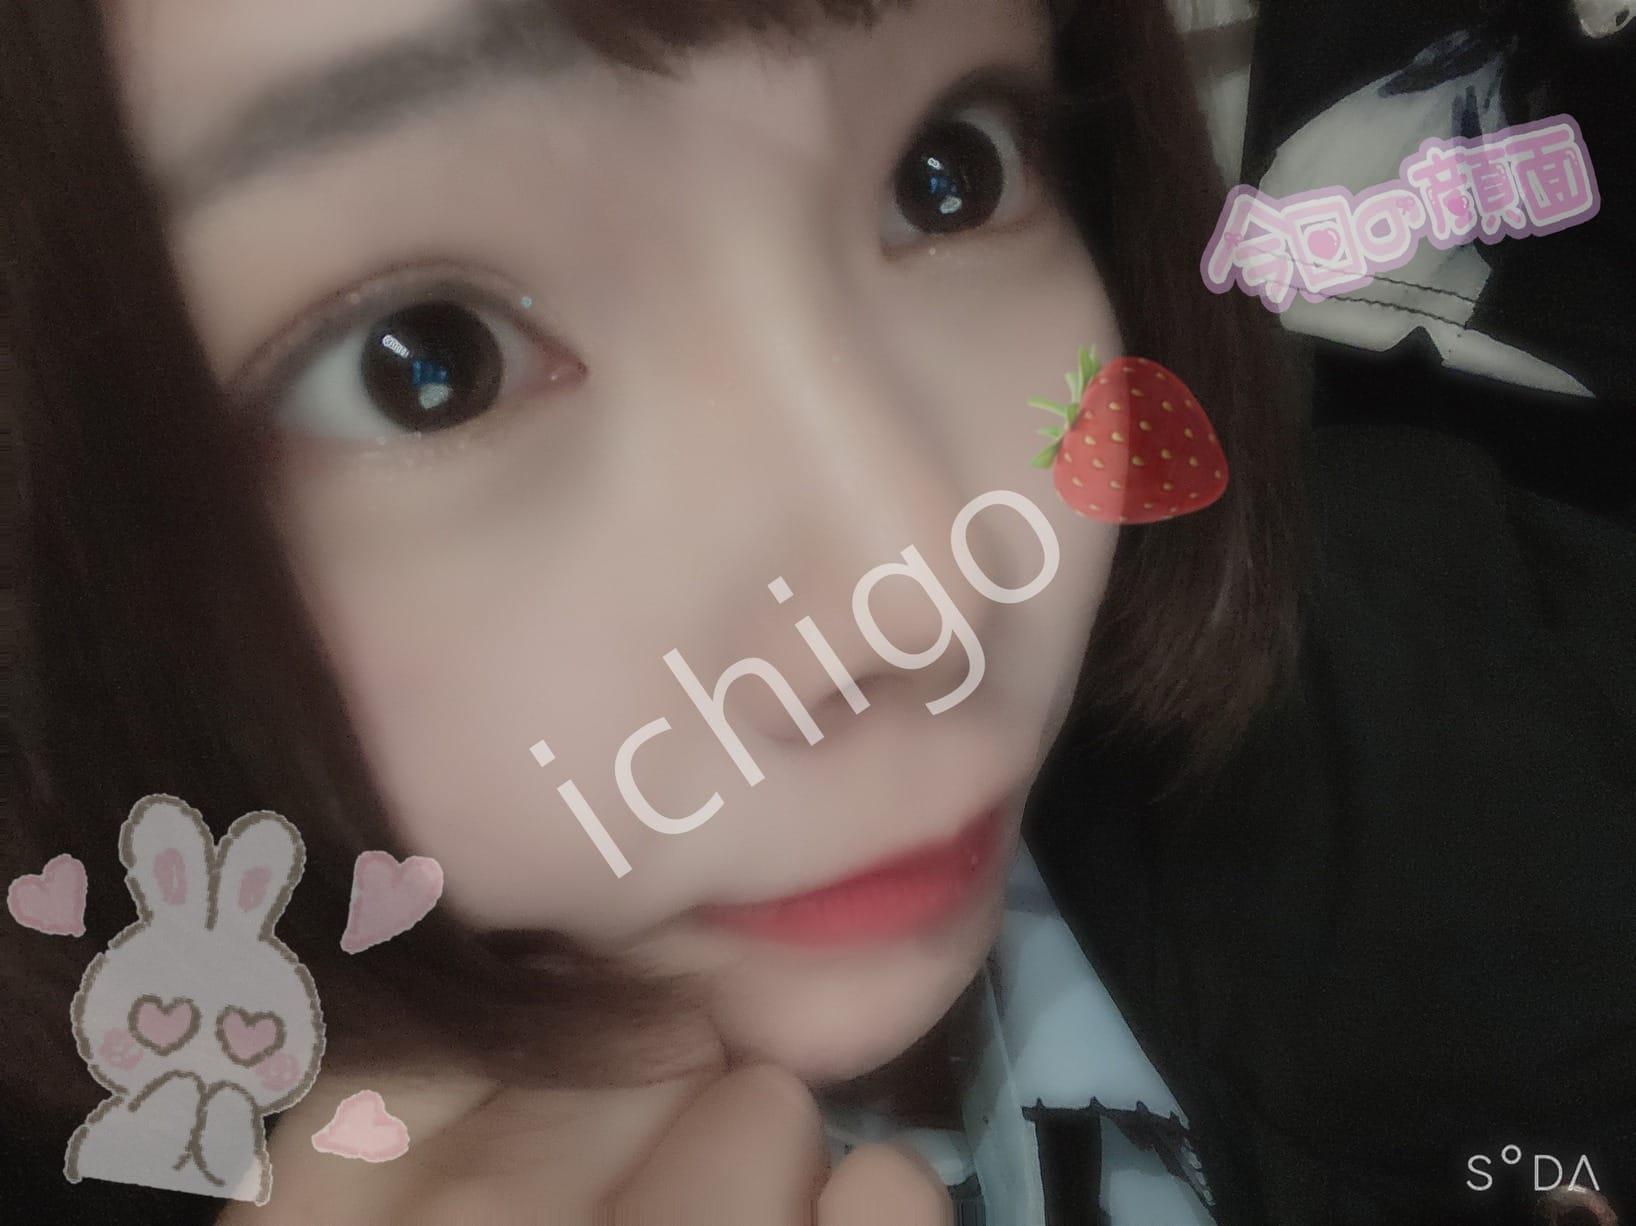 「しゅしゅしゅ出勤〜」12/02(12/02) 16:23 | いちごの写メ・風俗動画